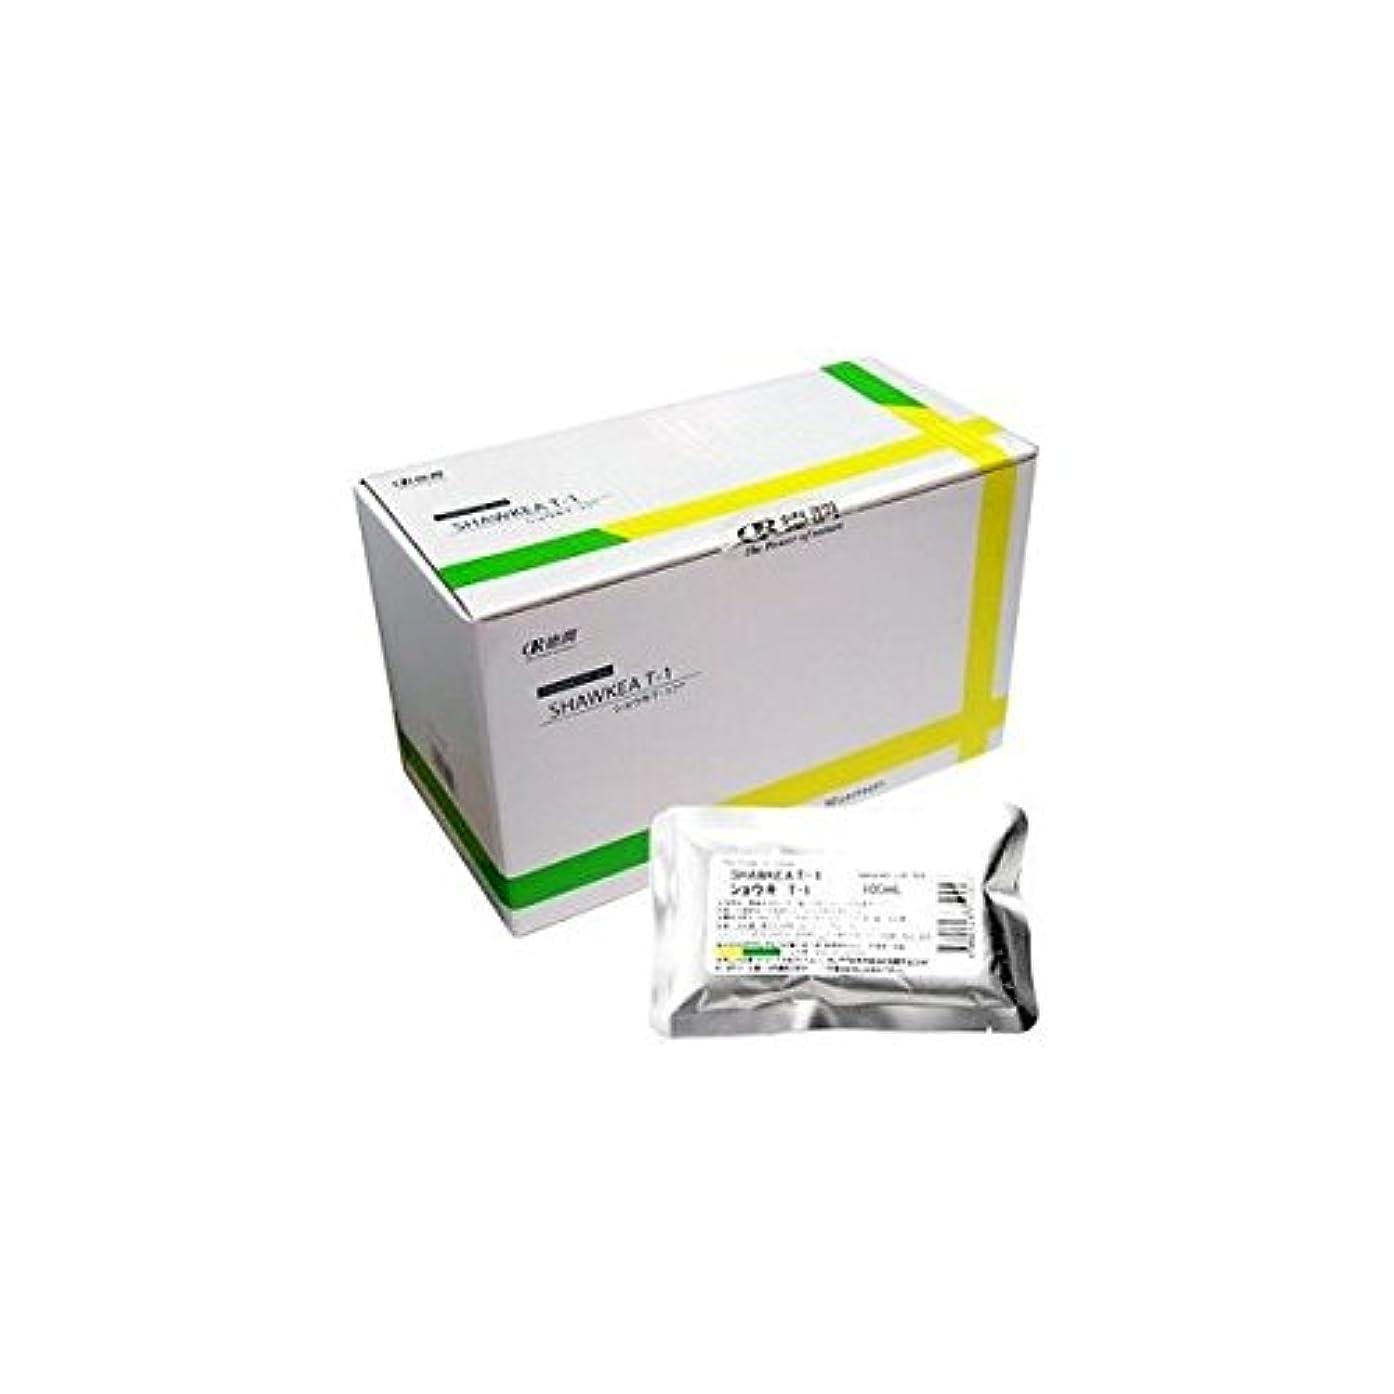 カートンインゲン華氏【P&G】ウエラトーン ツープラスワン(2+1) クリーム 4G(60g+60gl+7.3ml) (医薬部外品)(お買い得3個セット)